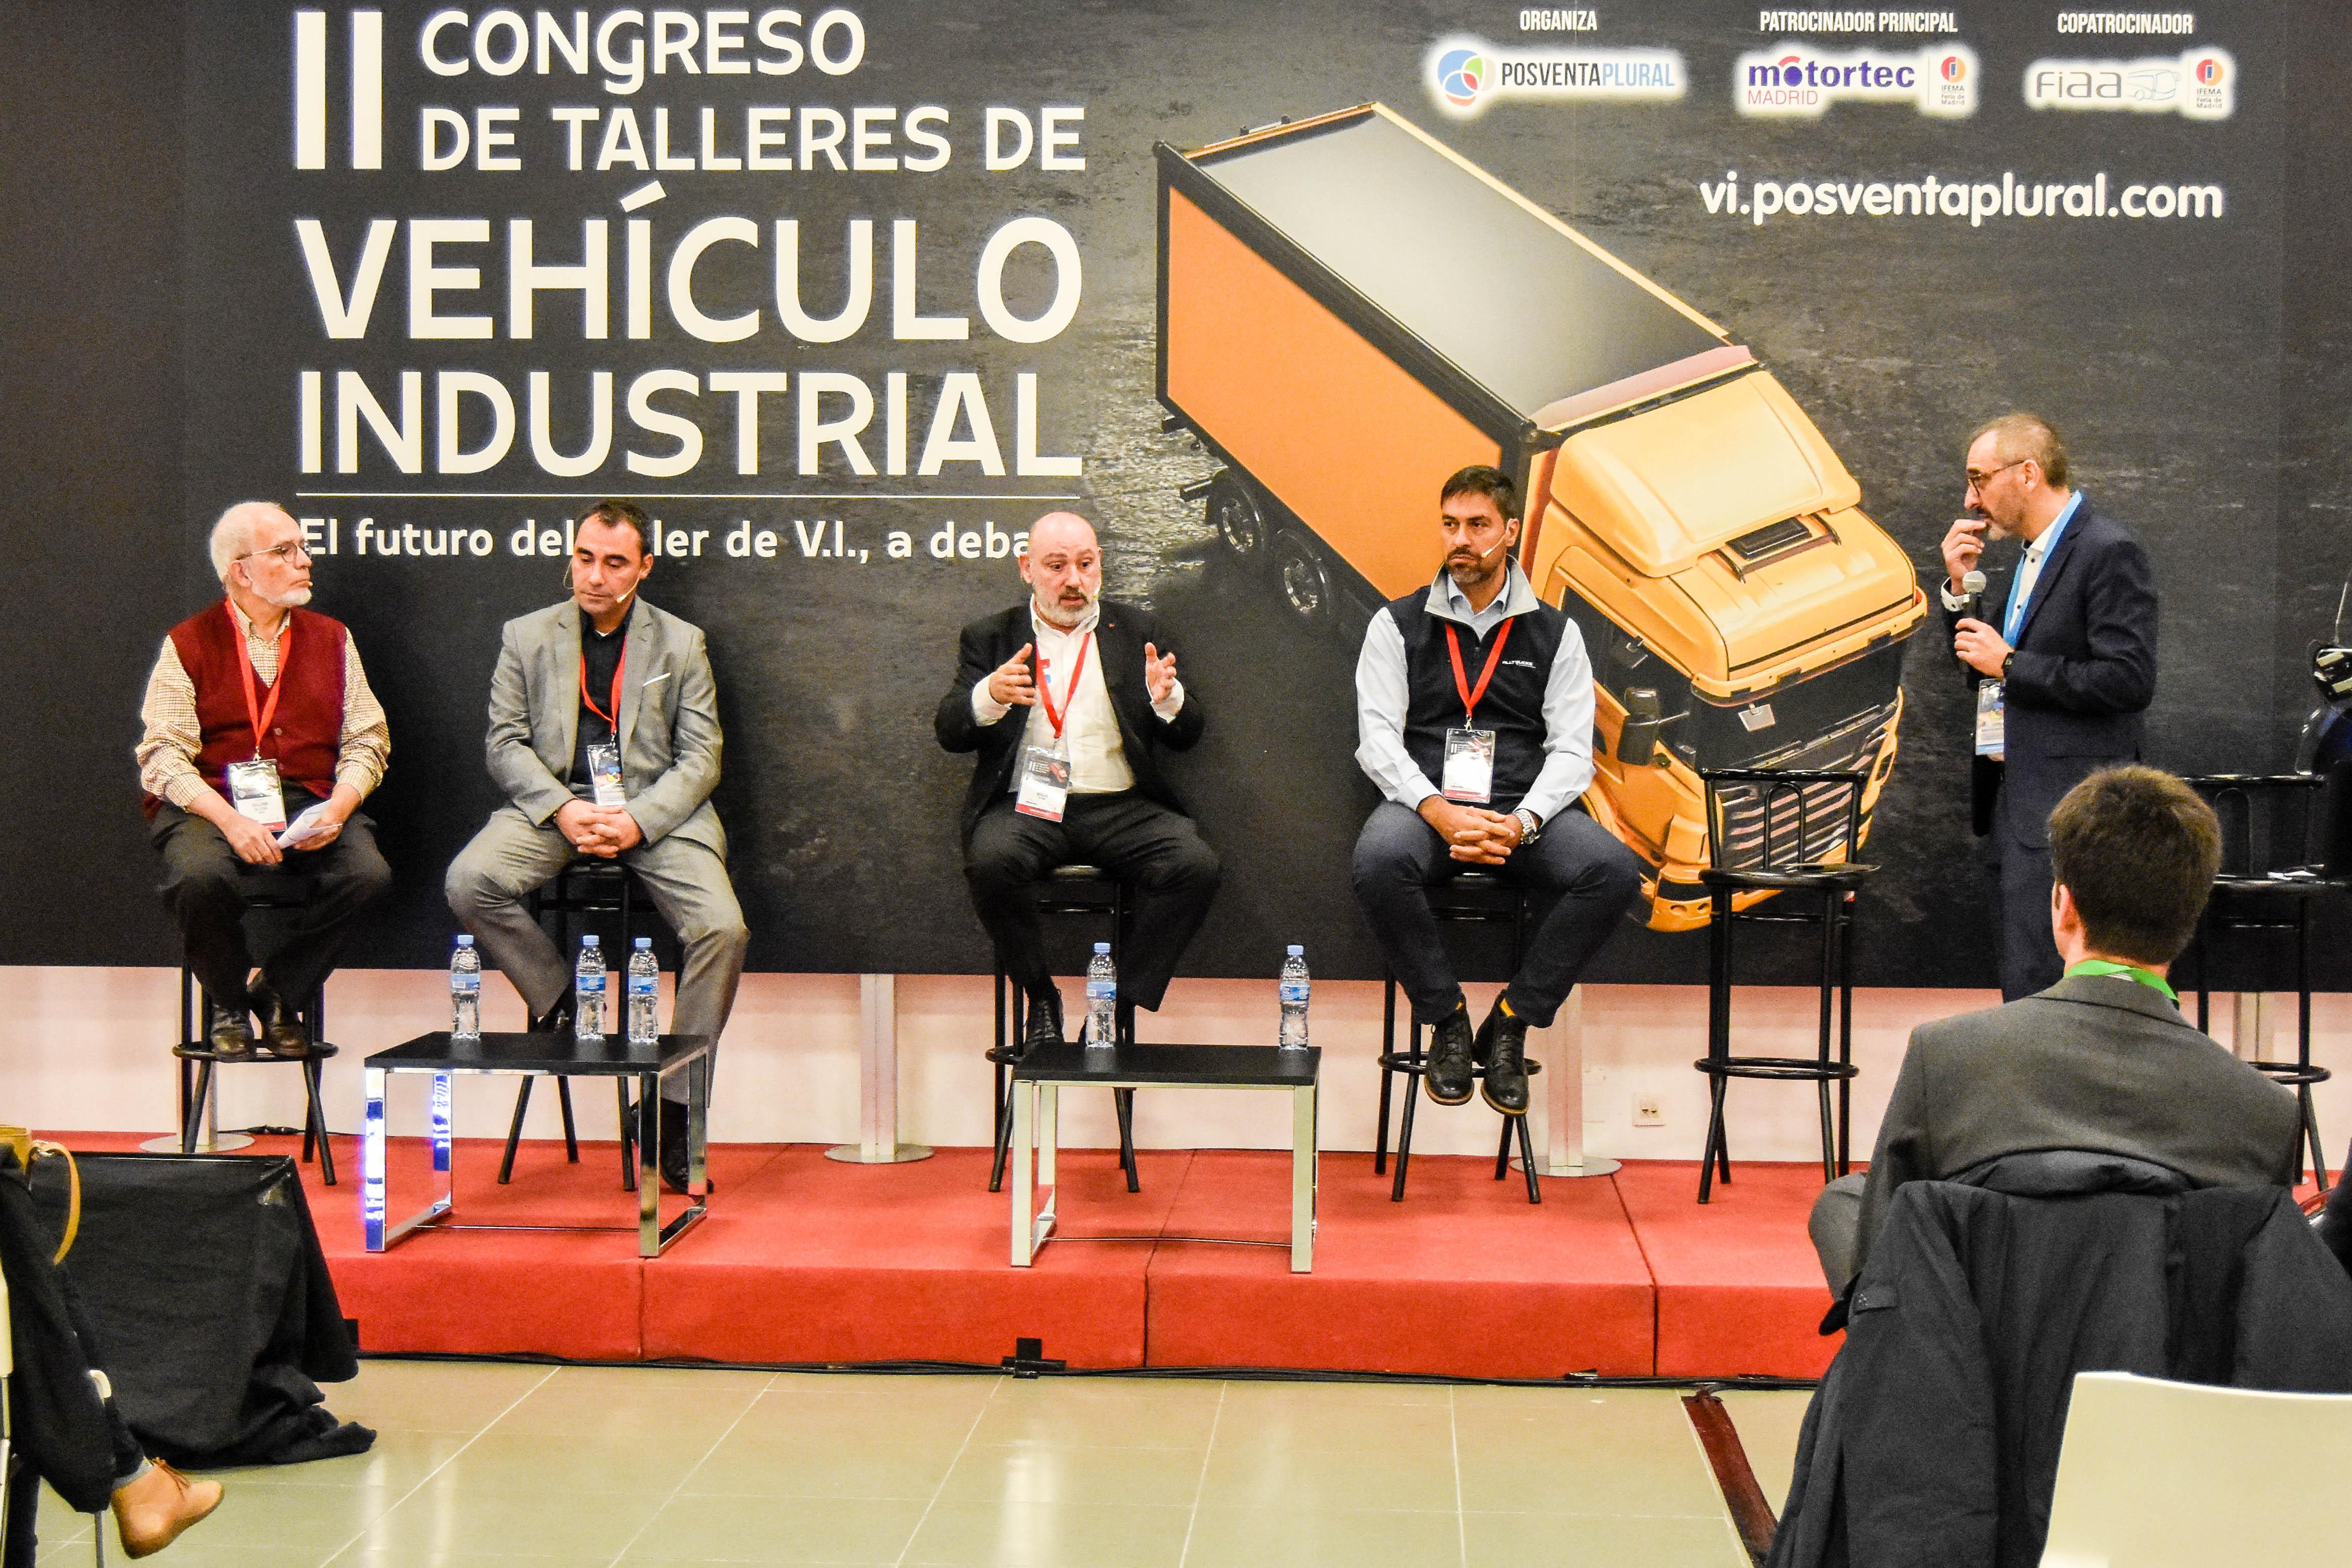 Presentación del informe: «Estudio sobre la percepción que los talleres especialistas tienen de las Redes de Talleres de vehículo industrial». ¿Conocen los talleres de V.I. las Redes? ¿Qué opinan de ellas?